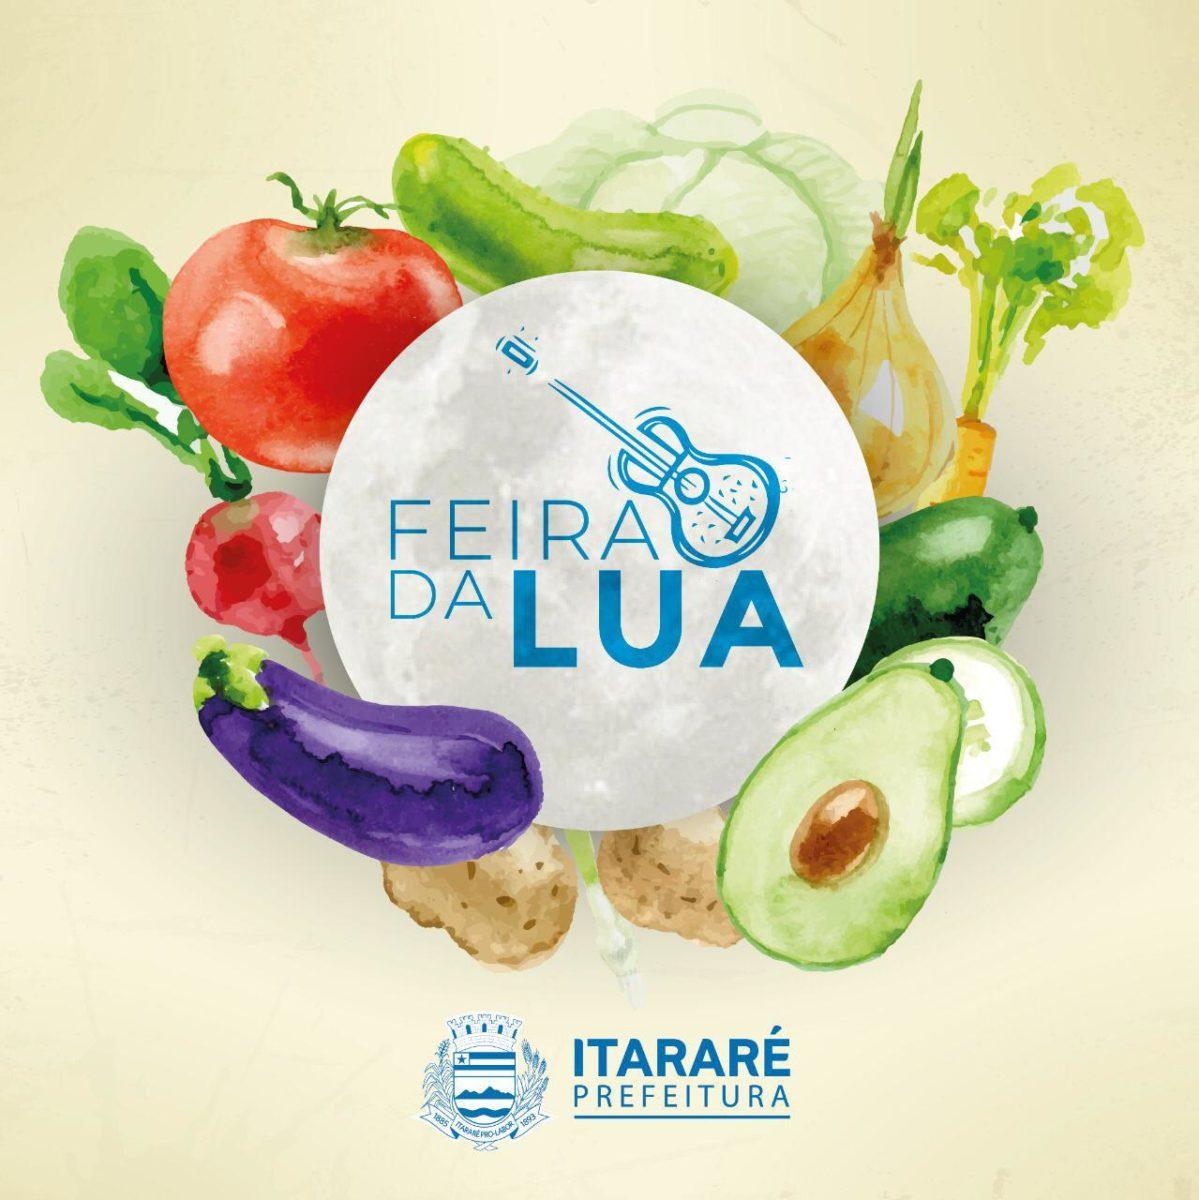 Feira da Lua em Itararé (SP) contará com cantata de natal nesta quarta-feira (18)